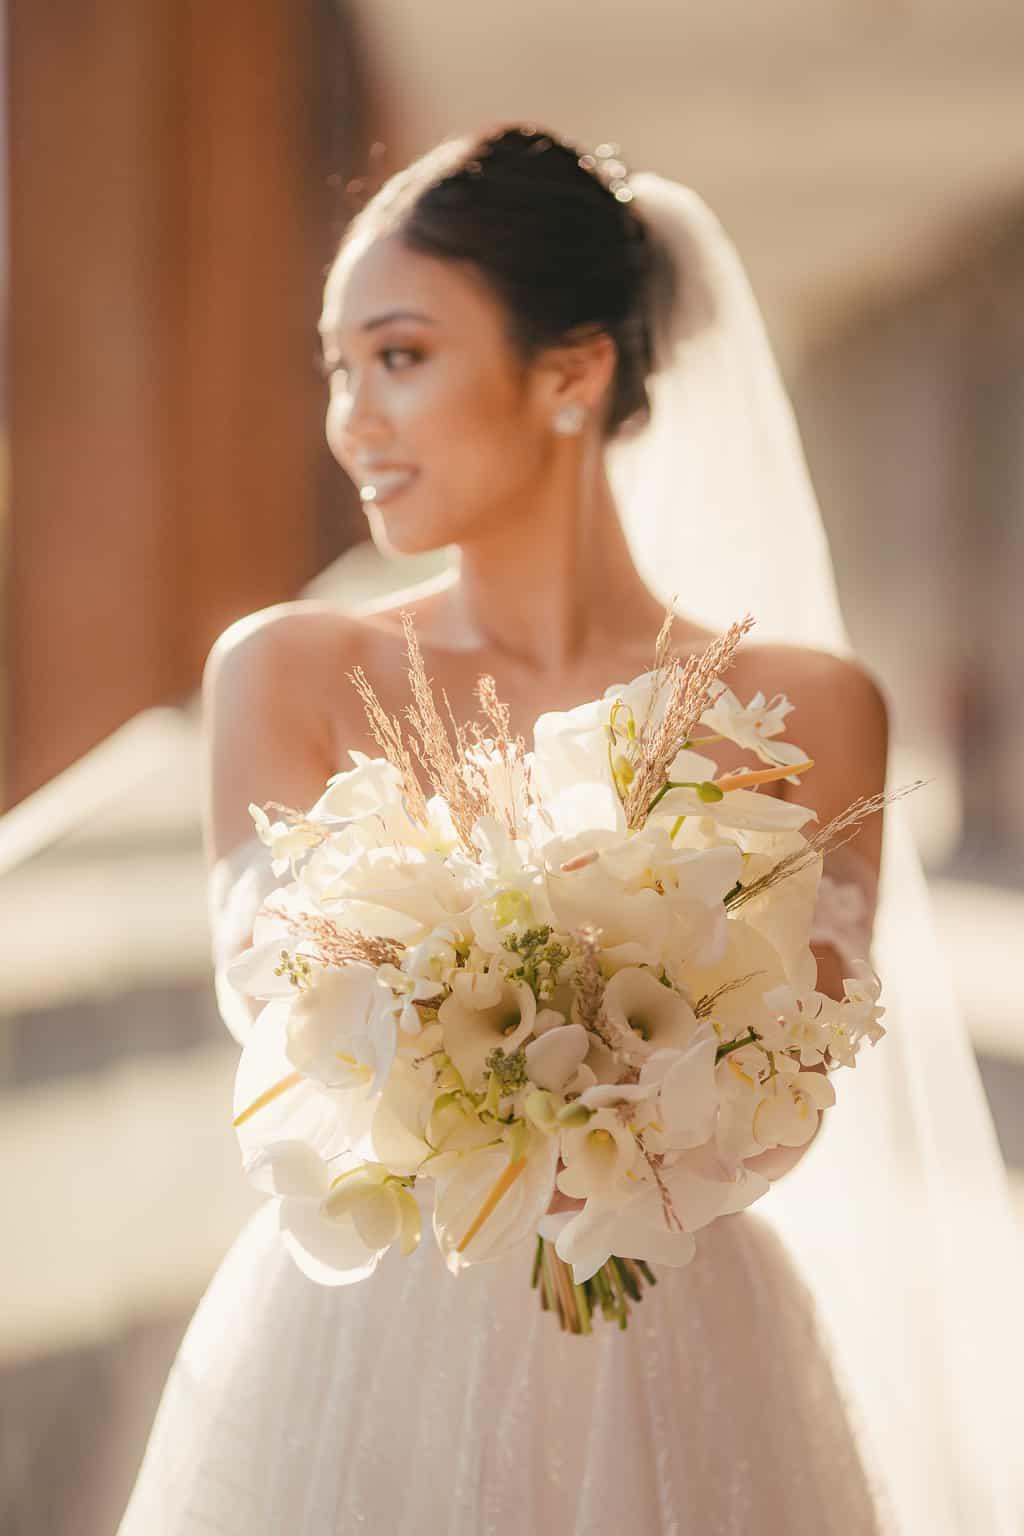 Casamento-Alissa-e-Gustavo-Cerimonial-Manu-Goncalez-Decor-Andrea-Kapps-Fasano-Angra-dos-Reis-Foto-VRebel-G-Junior-Making-of2210